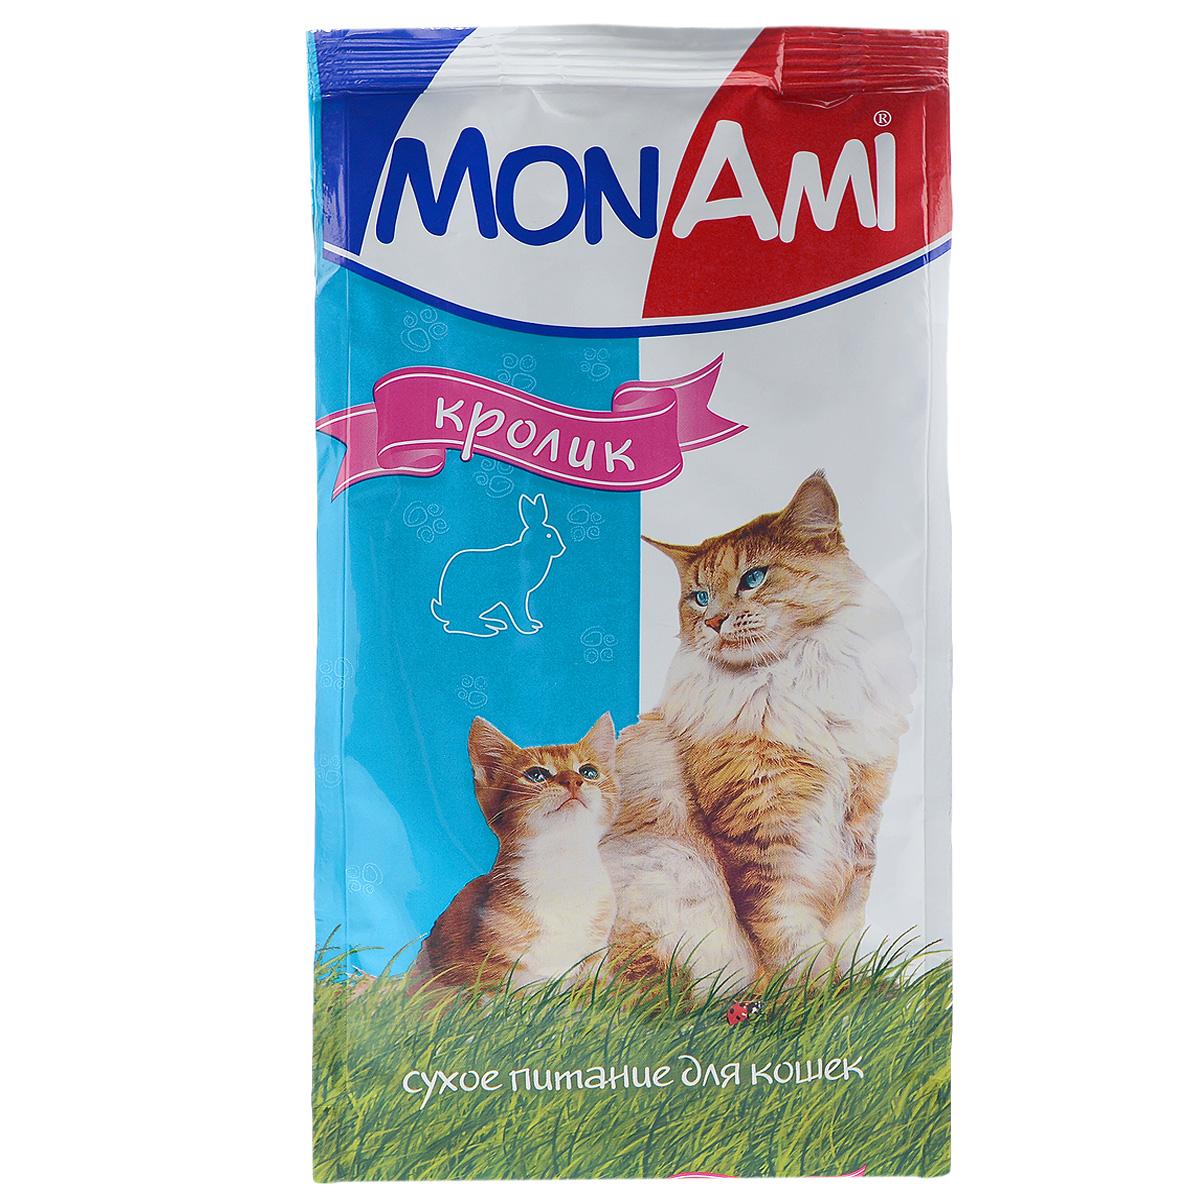 Корм сухой для кошек Mon Ami, с мясом кролика, 400 г14133Сухой корм для кошек Mon Ami - это полноценное сбалансированное питание для кошек, разработанное с использованием современных технологий. Особенности рациона: Необходимое сочетание ингредиентов для достижения правильной усвояемости питательных веществ организмом. Источник линолевой кислоты и правильного уровня витаминов группы В благотворно влияют на кожу и шерсть. Таурин - для здоровья глаз и сердца. Состав: злаки (пшеница, рис), экстракт белка растительного происхождения, мясо и продукты животного происхождения (в т.ч. кролик), подсолнечное масло, минеральные добавки, гидролизованная печень, пульпа сахарной свеклы (жом), витамины, пивные дрожжи, таурин, антиоксидант. Анализ: сырой протеин 30%, сырой жир 10%, сырая зола 7%, сырая клетчатка 2,5%, влажность 10%, фосфор 0,9%, кальций 1,05%, витамин А 5000 МЕ/кг, витамин Д 500 МЕ/кг, витамин Е 30 мг/кг. Энергетическая ценность: 333 ккал/100 г. Товар сертифицирован.